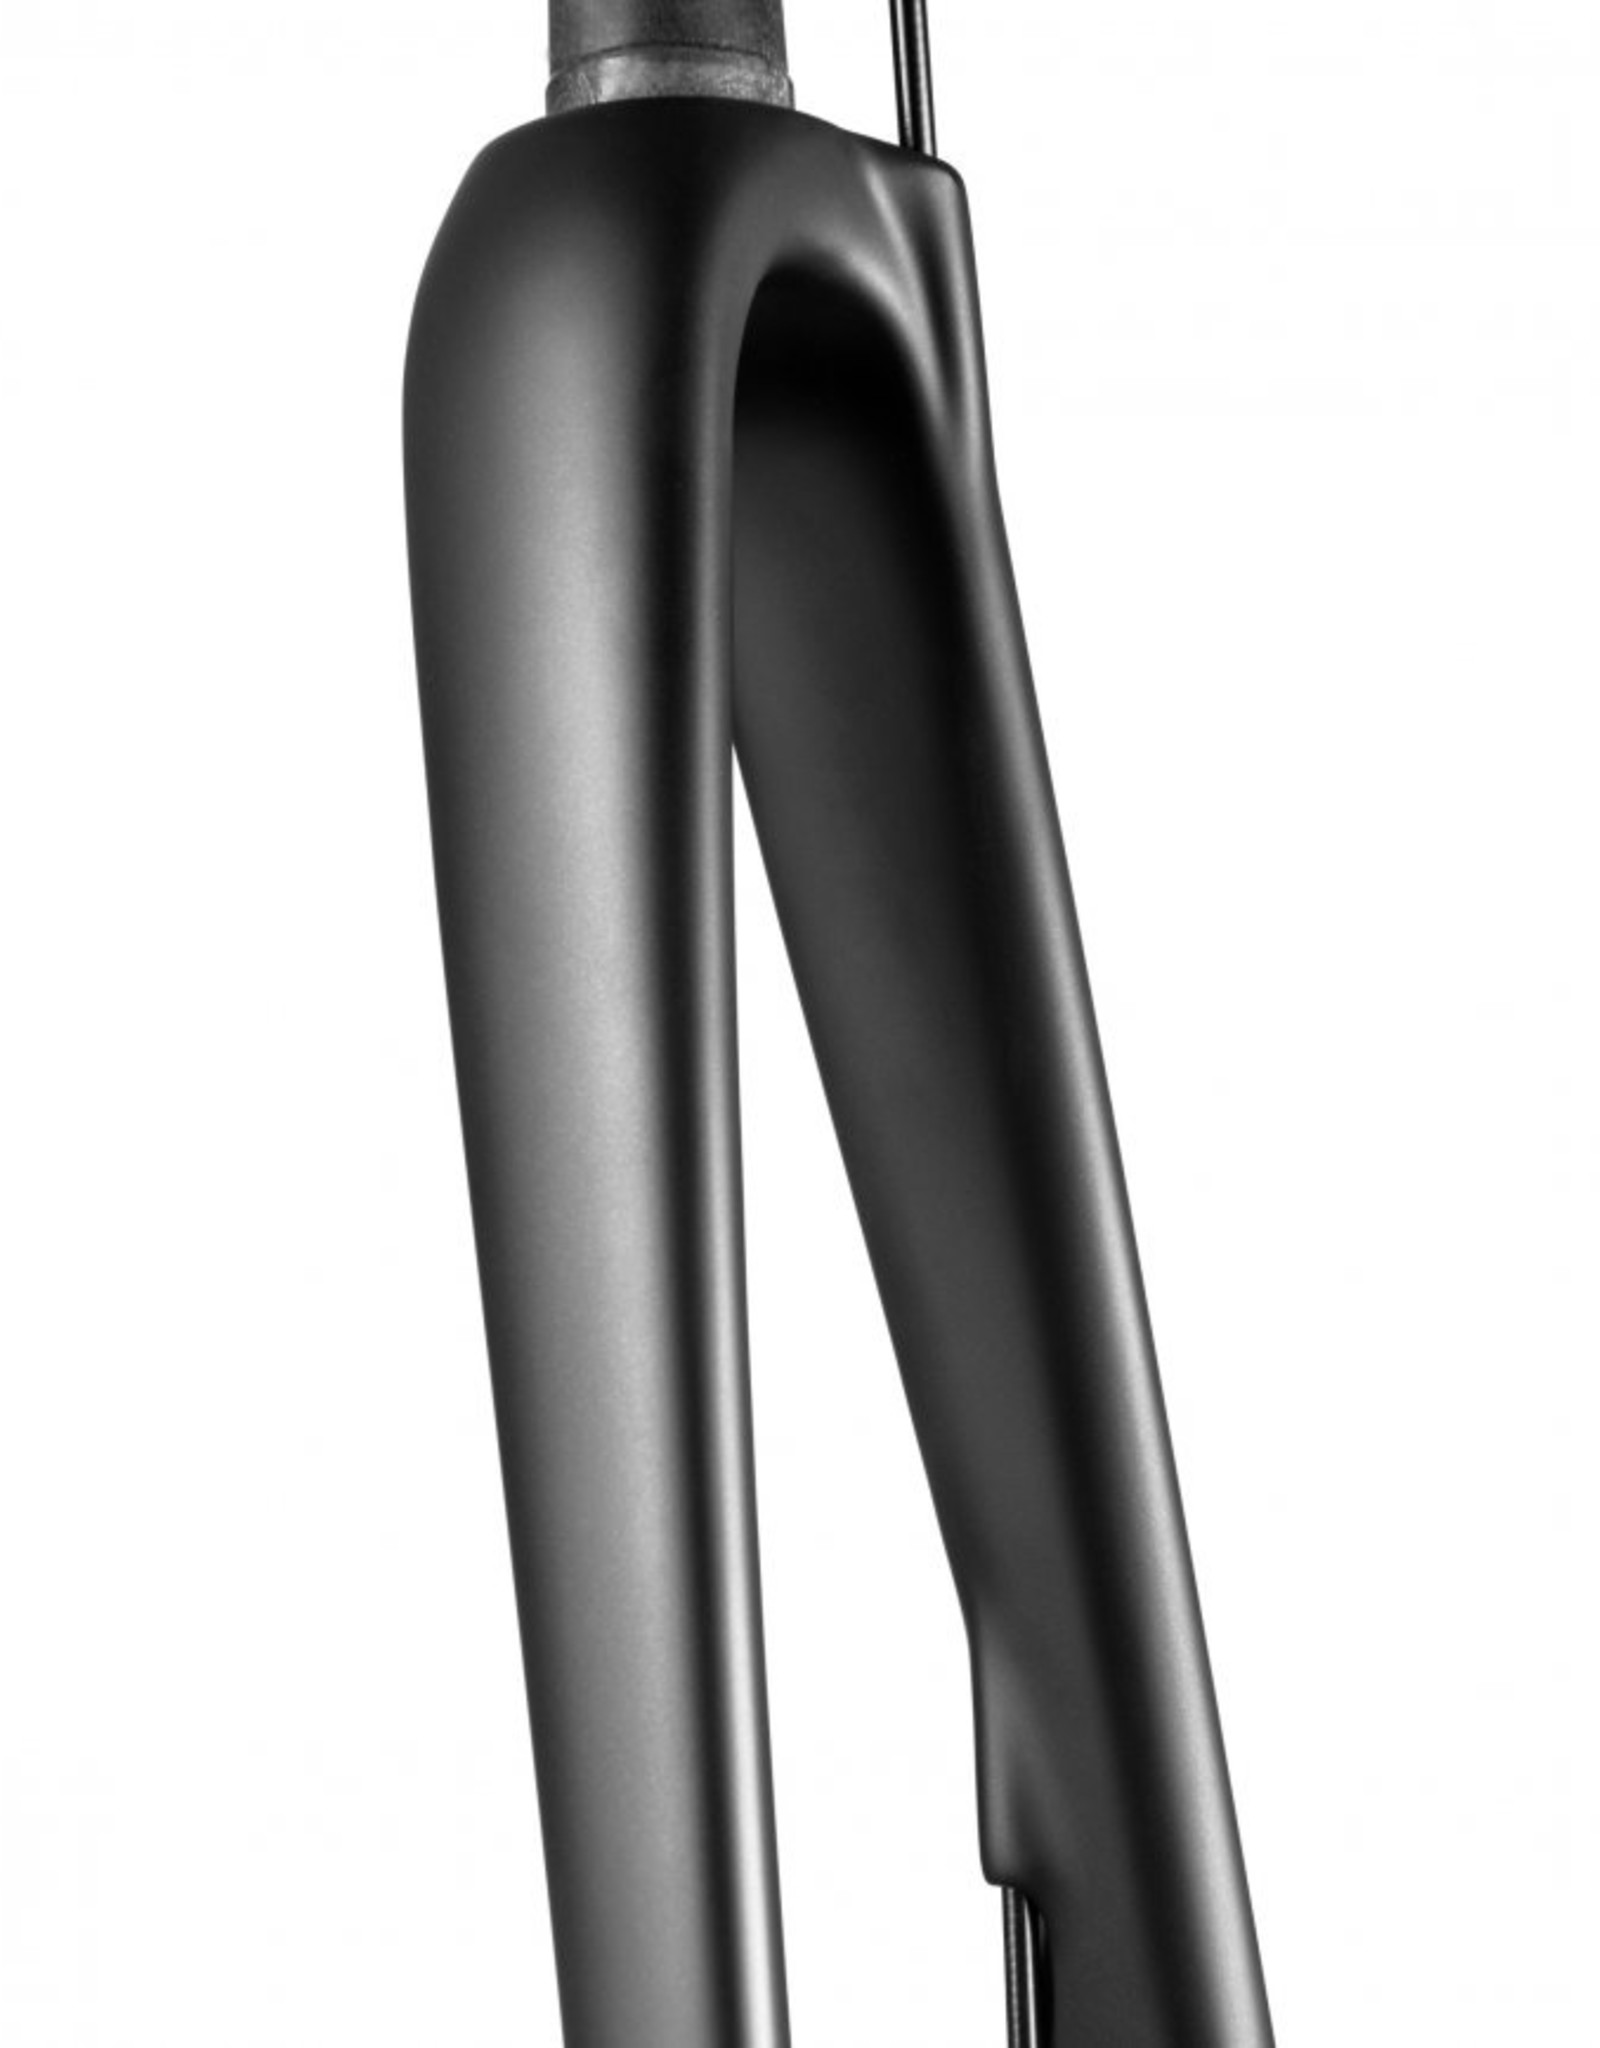 """Enve Composites ENVE Road Disc Fork, 43mm 1.25"""" Tapered Black"""